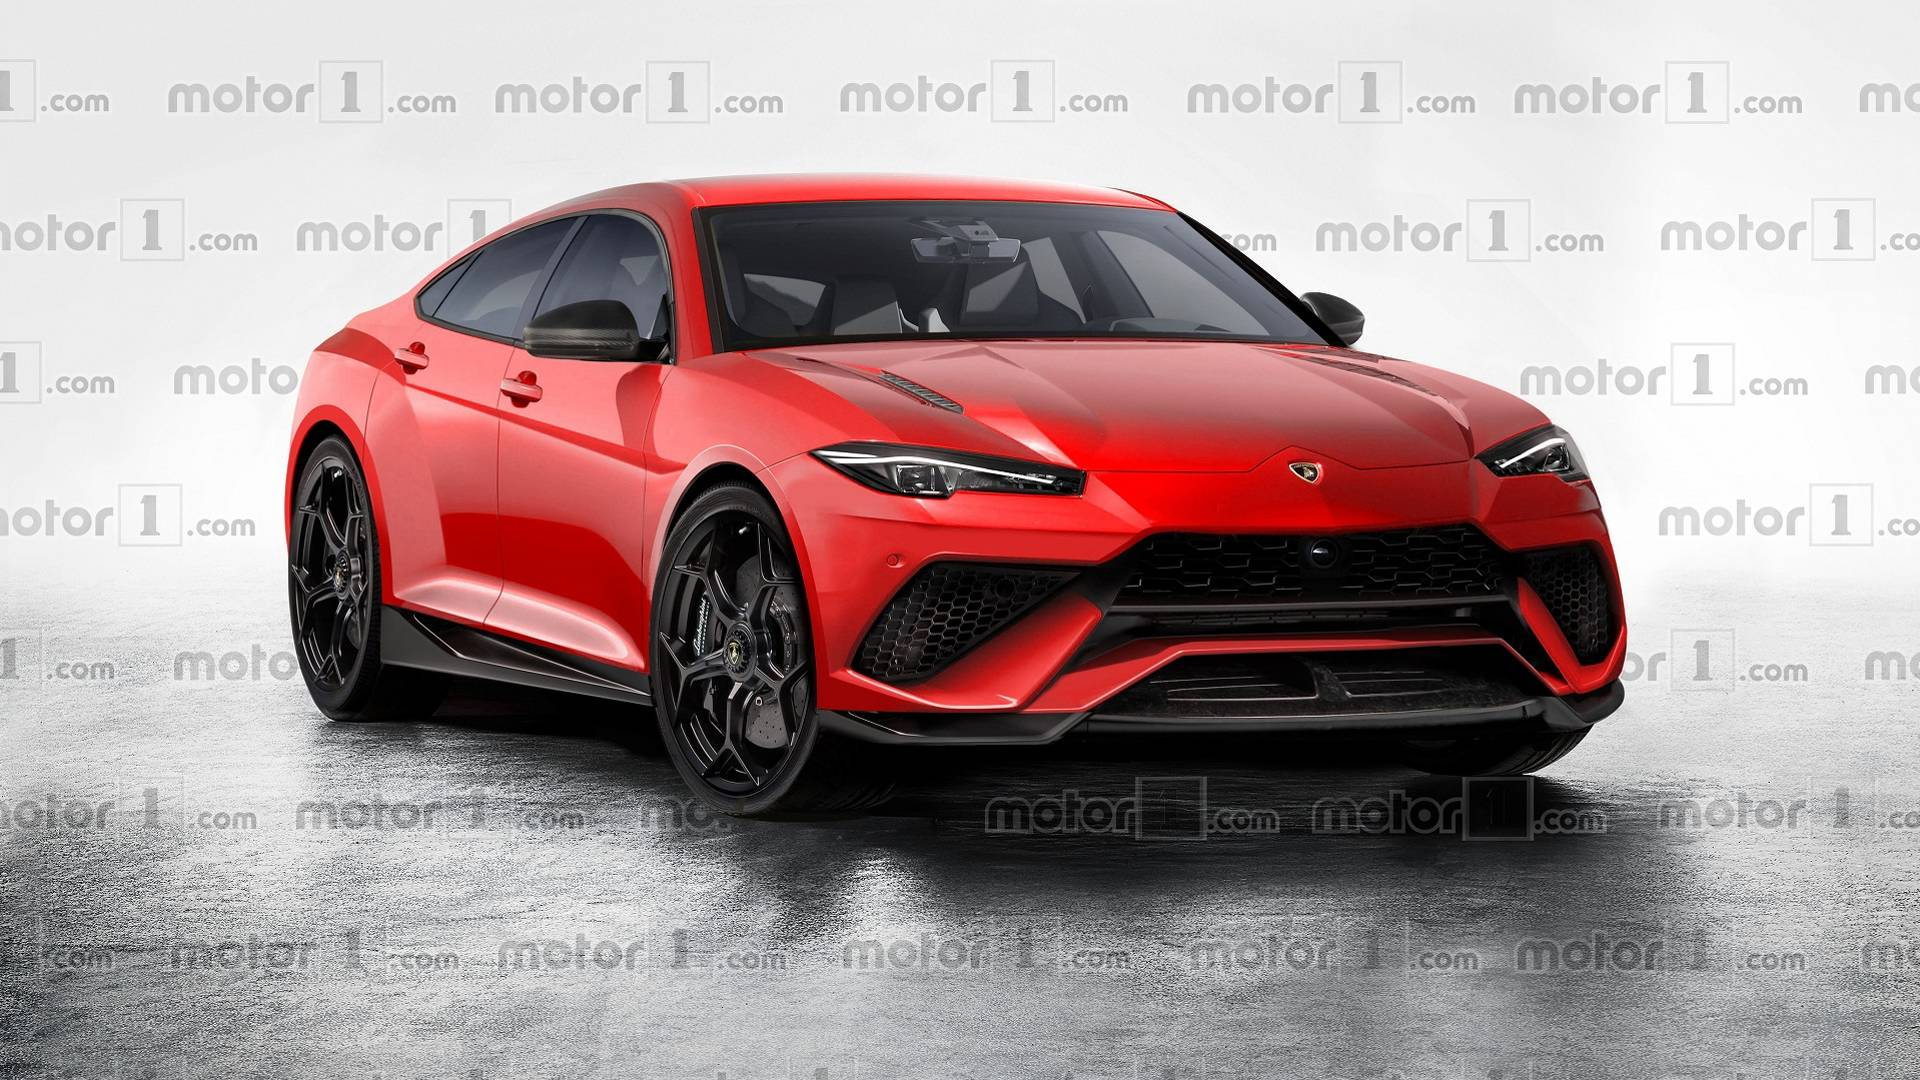 Lamborghini Four Door Sedan Imagined But Will It Happen